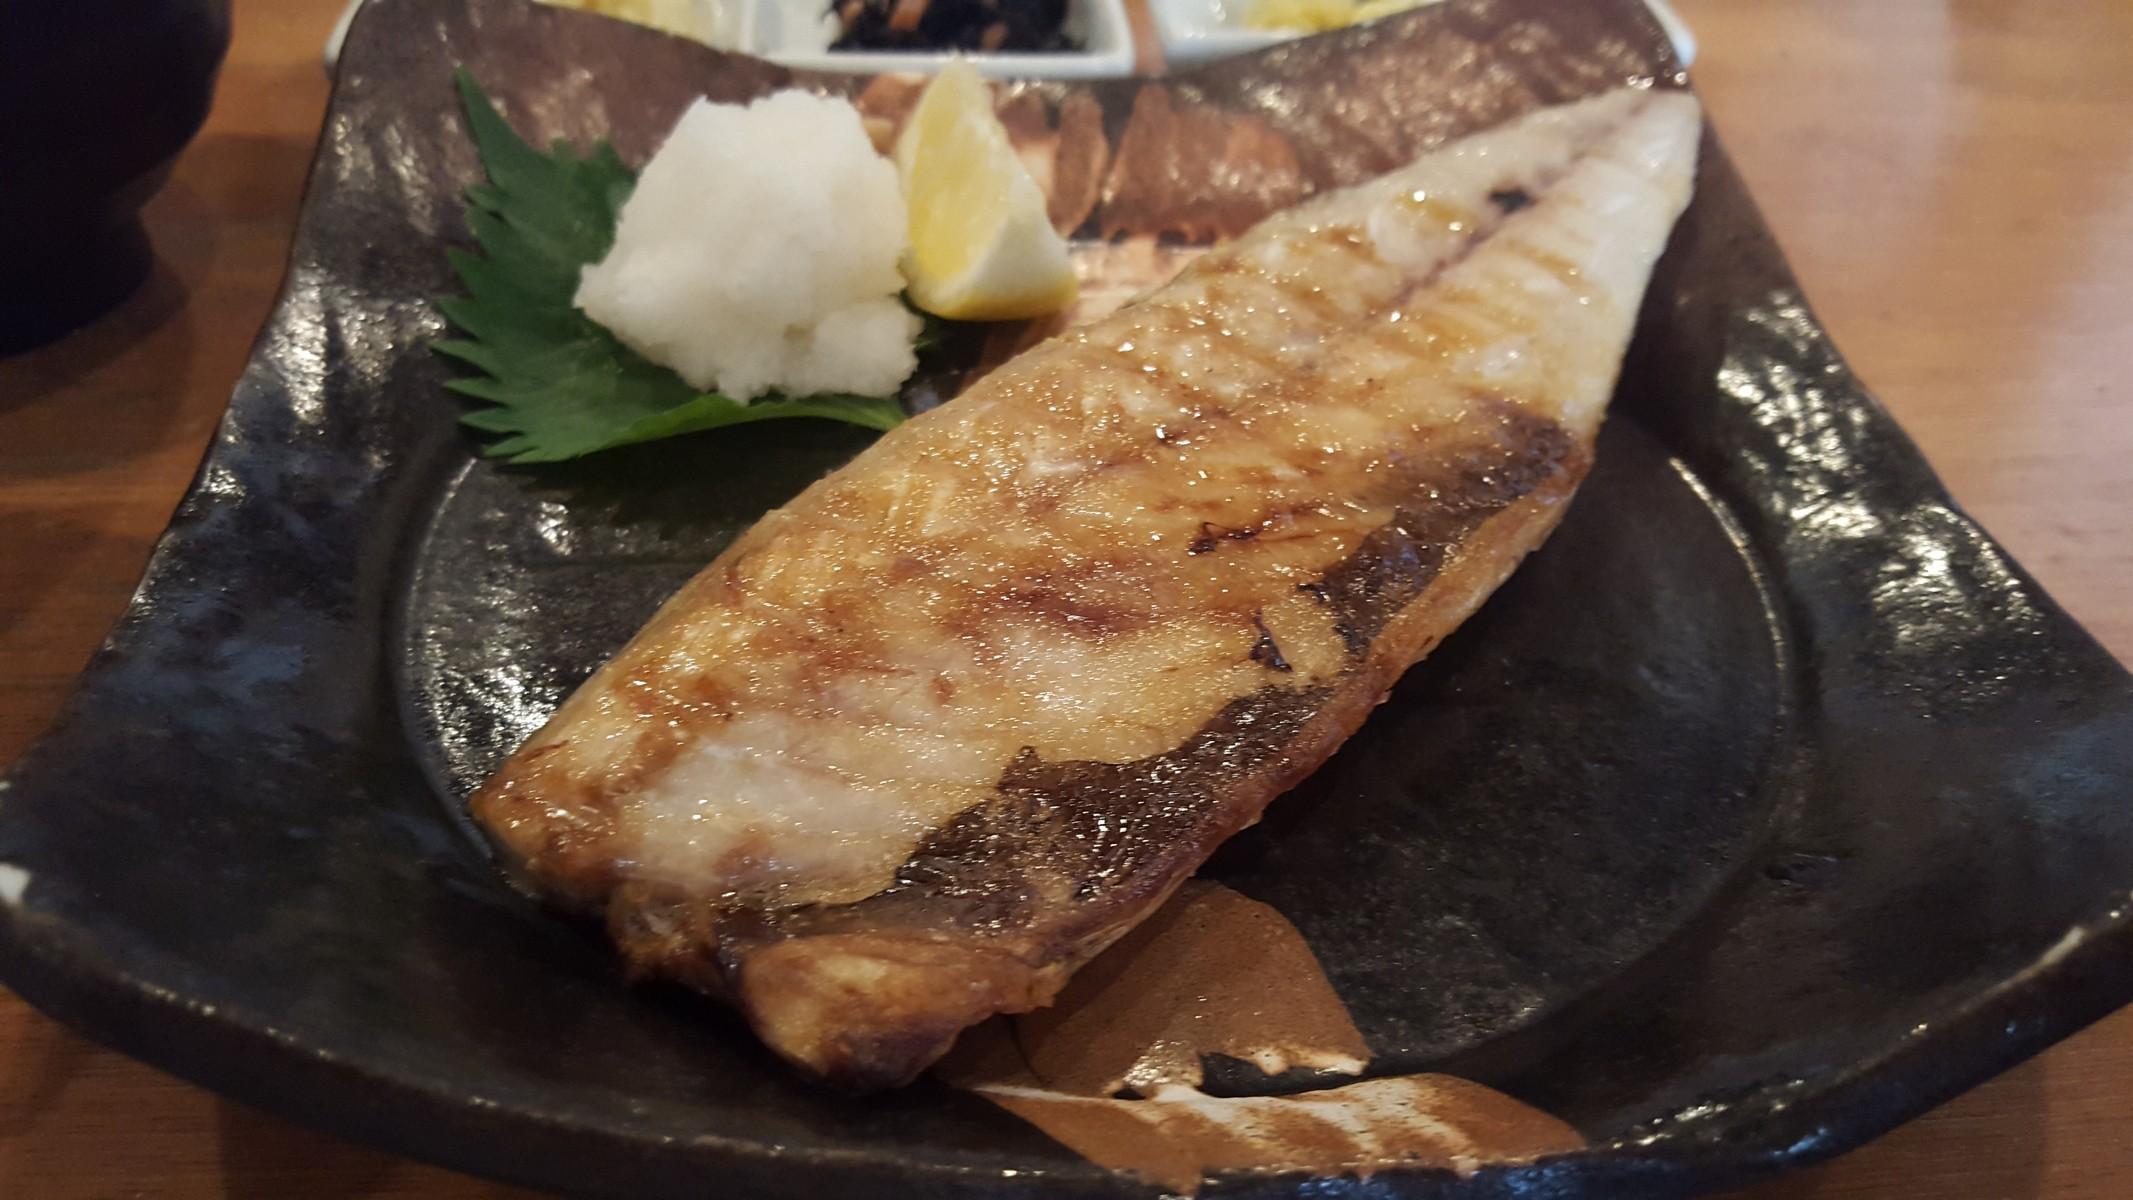 サバの塩焼きアップ【つばき食堂/自由が丘】